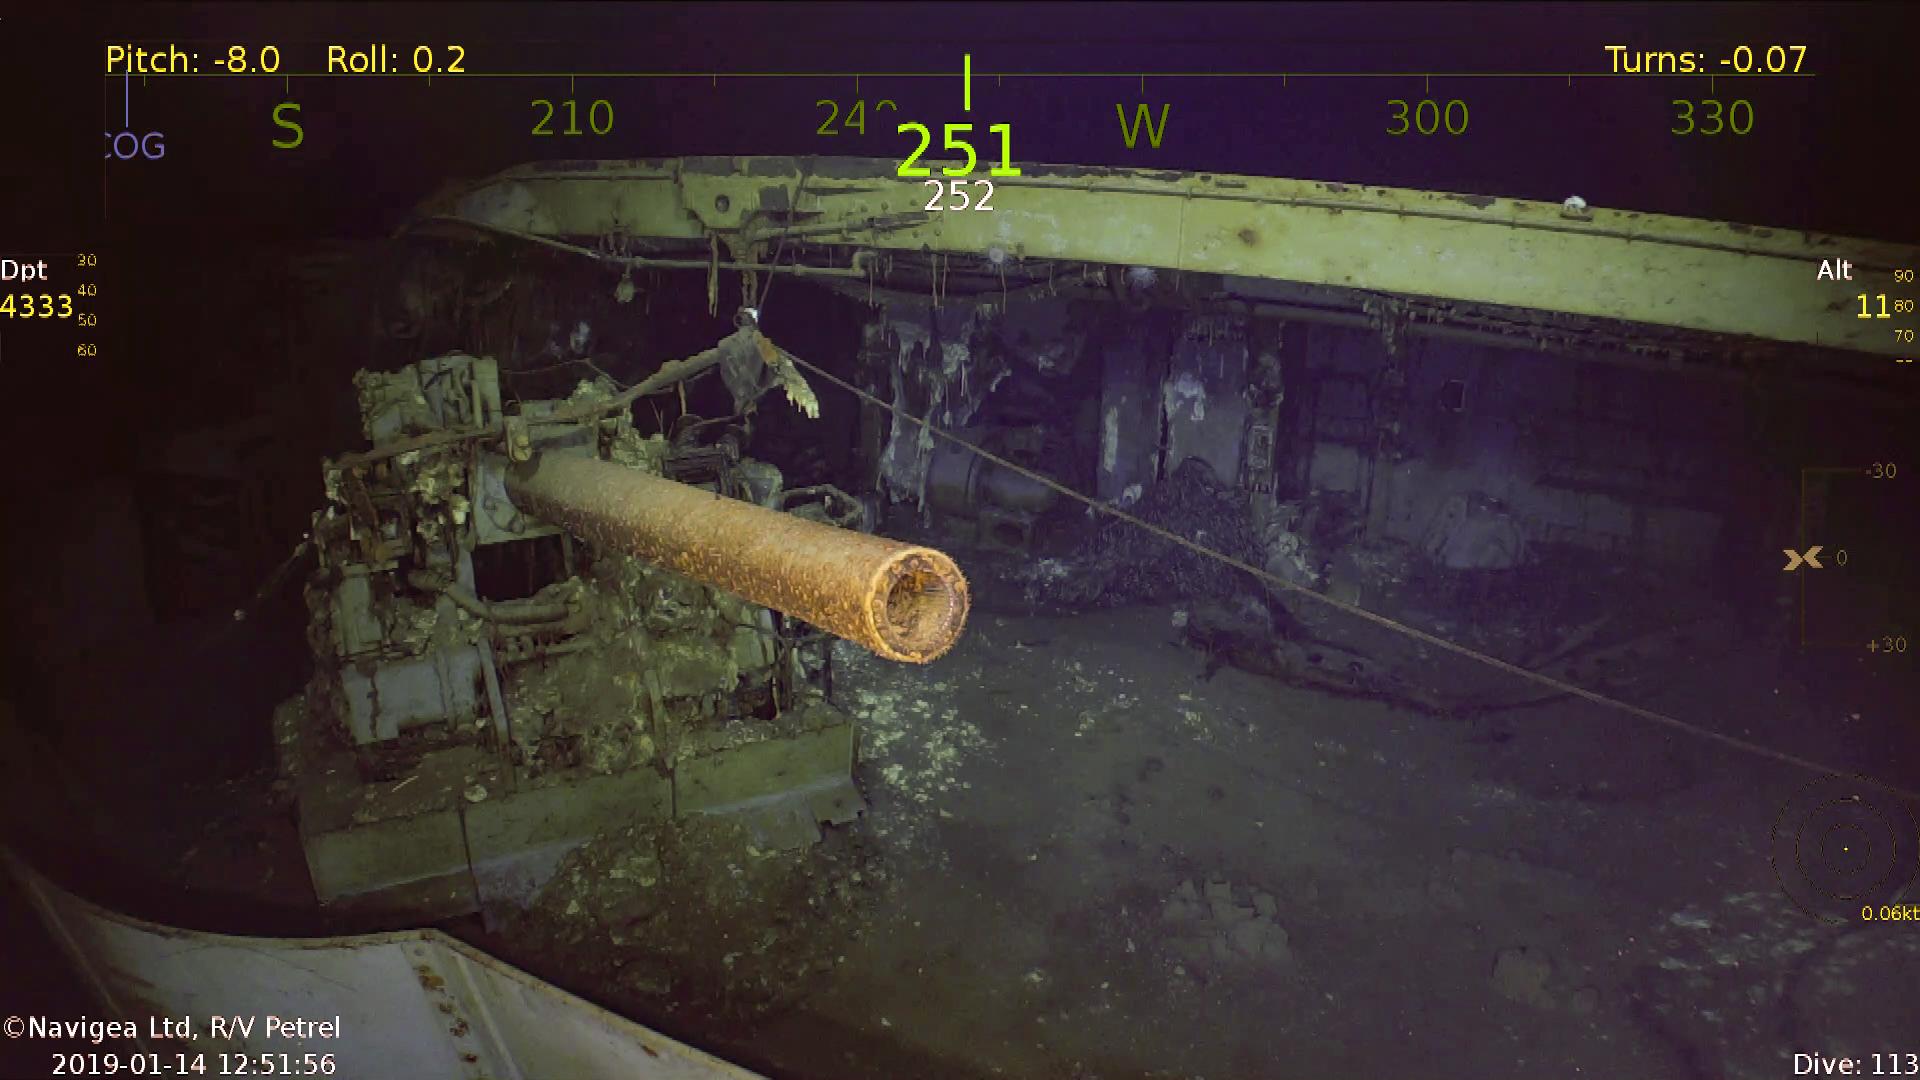 Wrak Lotniskowca USS Wasp – najnowsze odkrycie statku badawczego R/V Petrel